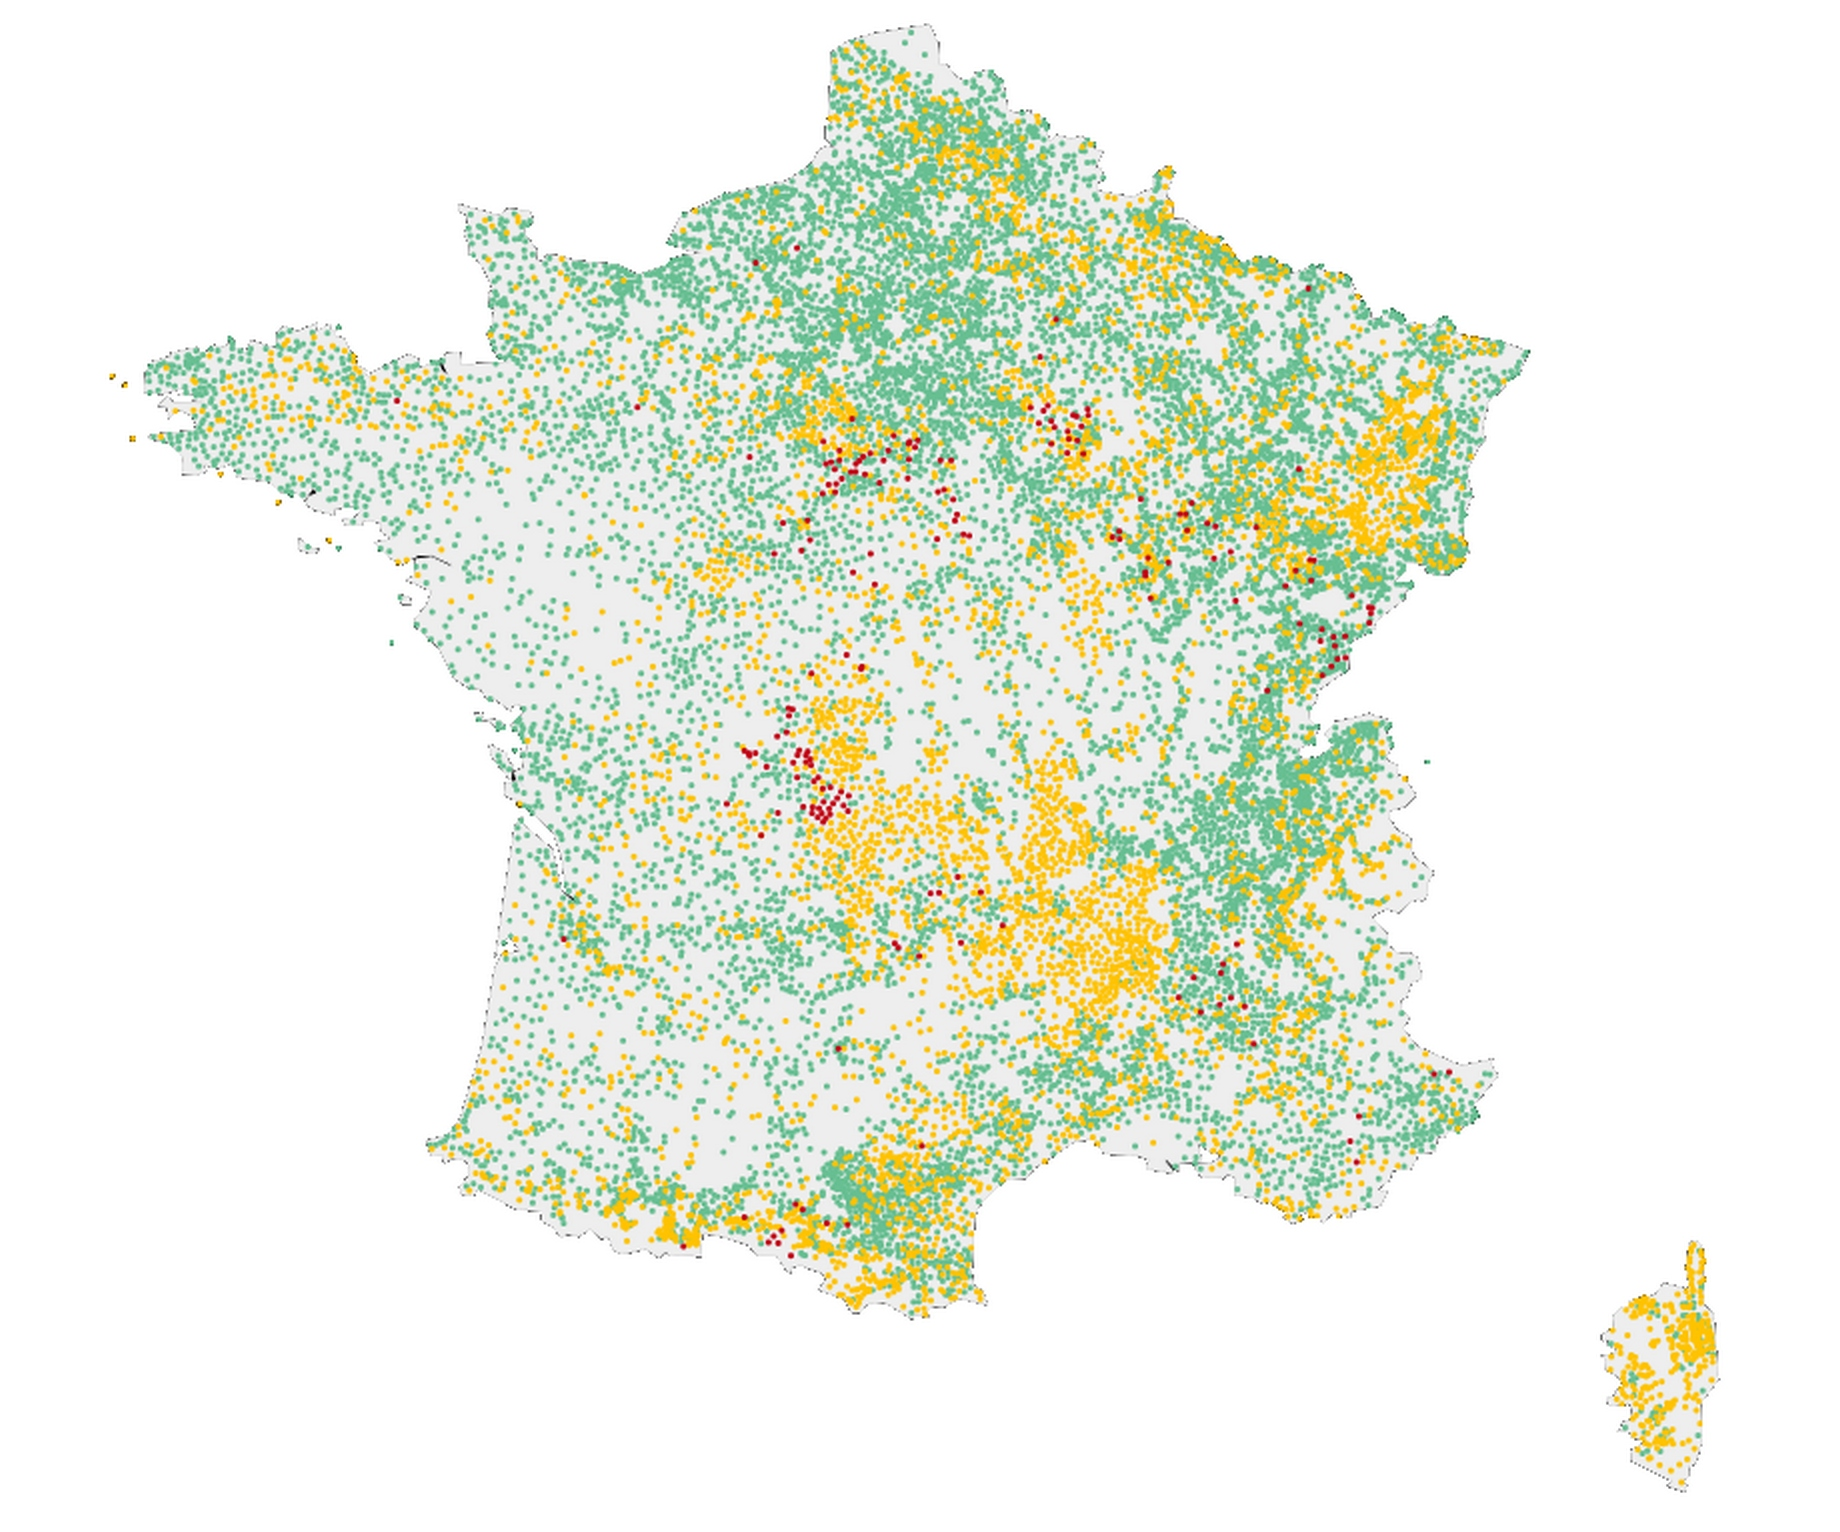 carte de la France avec la qualité de l'eau potable, en vert conforme, et en rouge la consommation est interdite